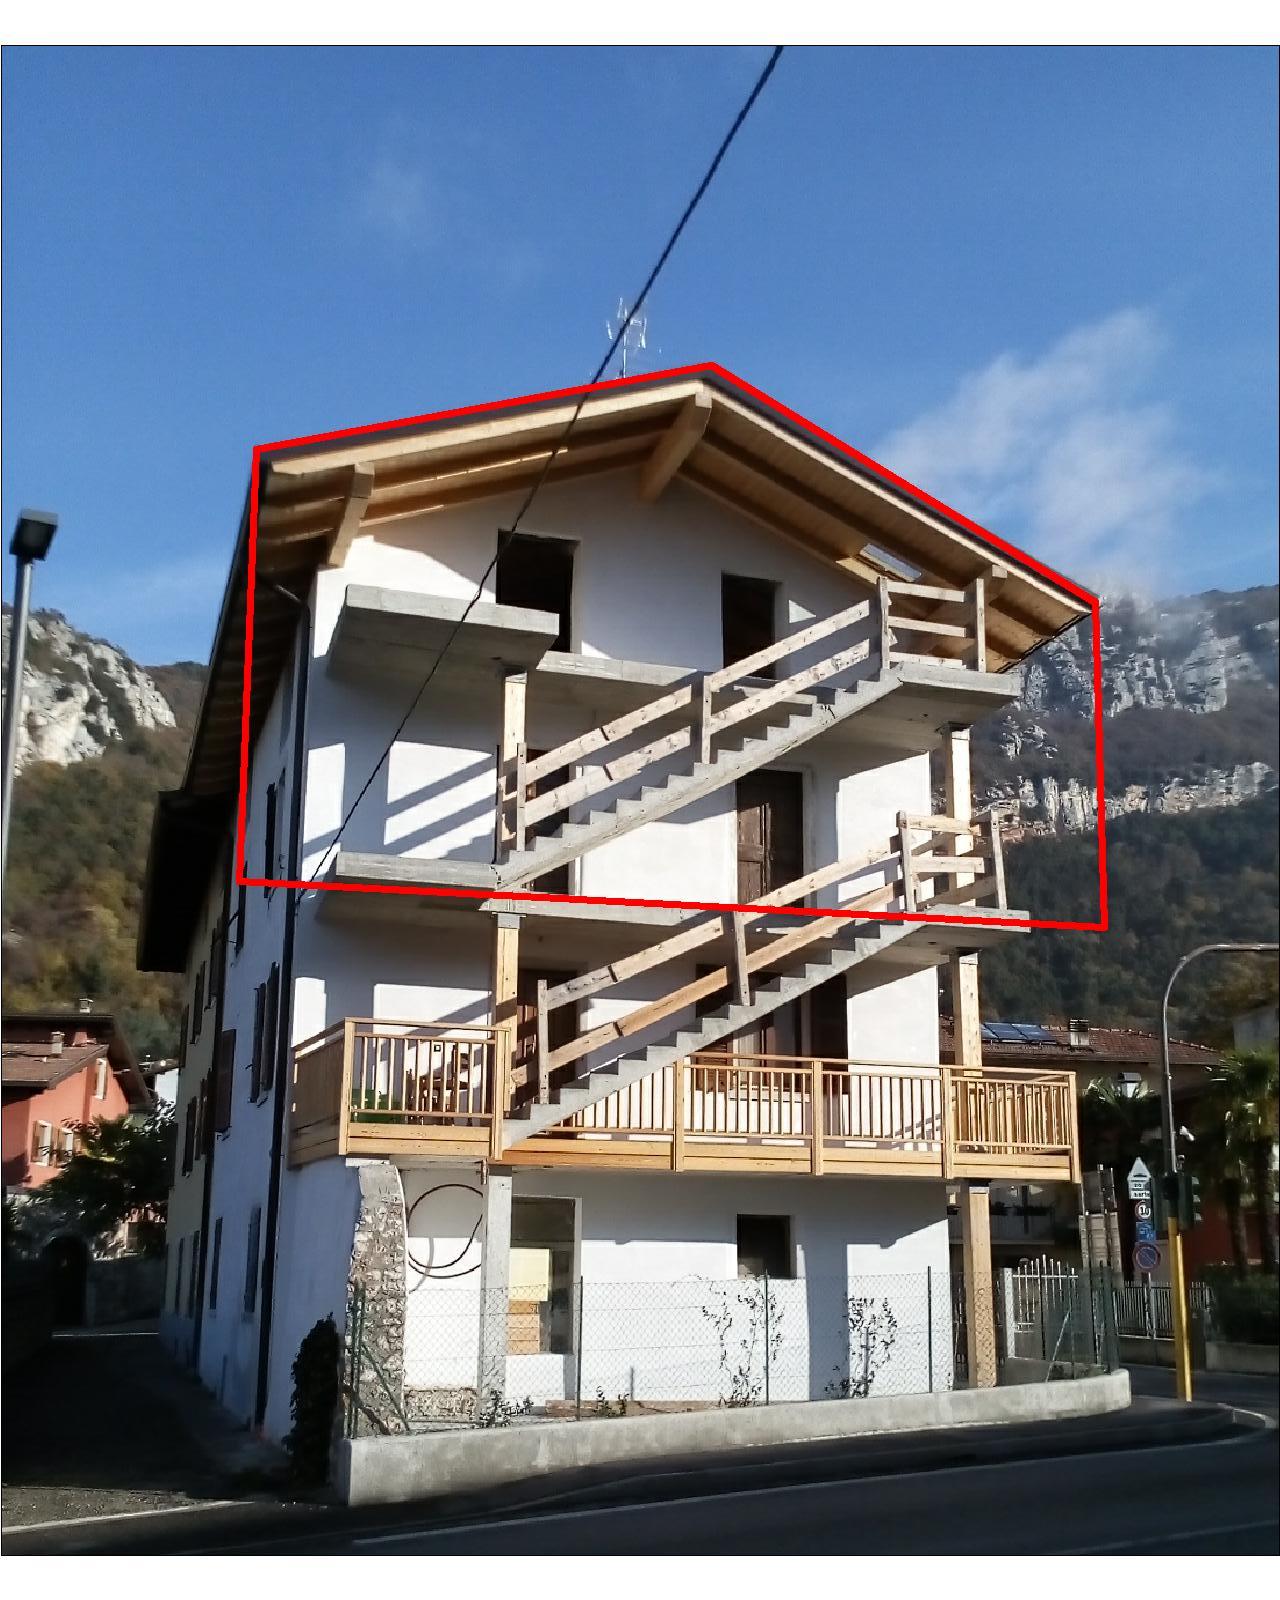 Appartamento in vendita a Nago-Torbole, 6 locali, zona Zona: Nago, prezzo € 99.000 | CambioCasa.it